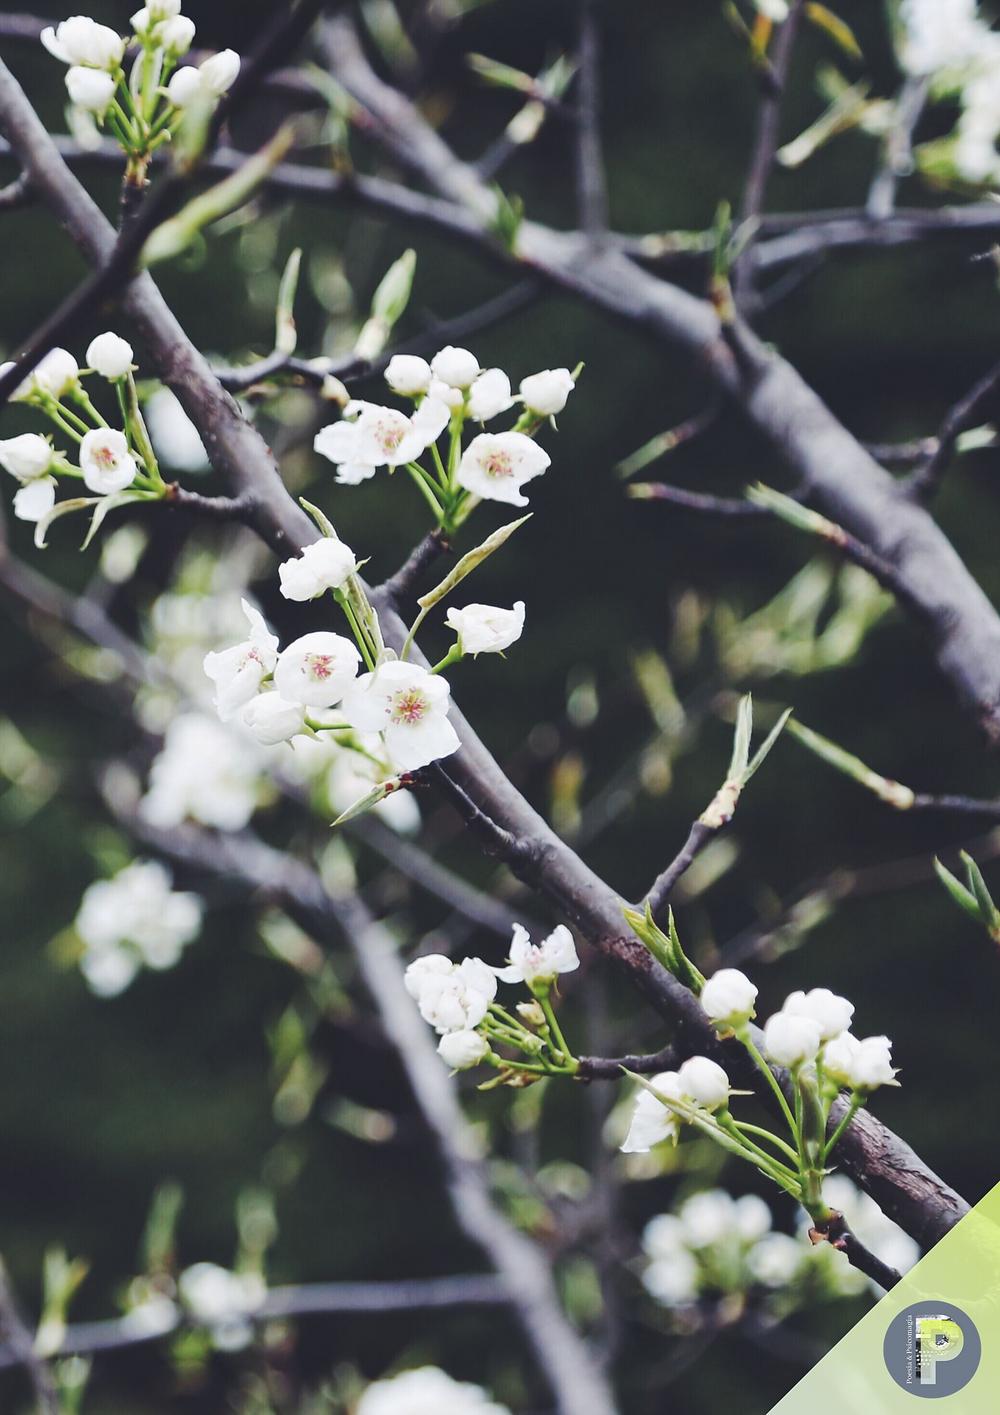 Poesie psicomagiche di primavera -  MARZO